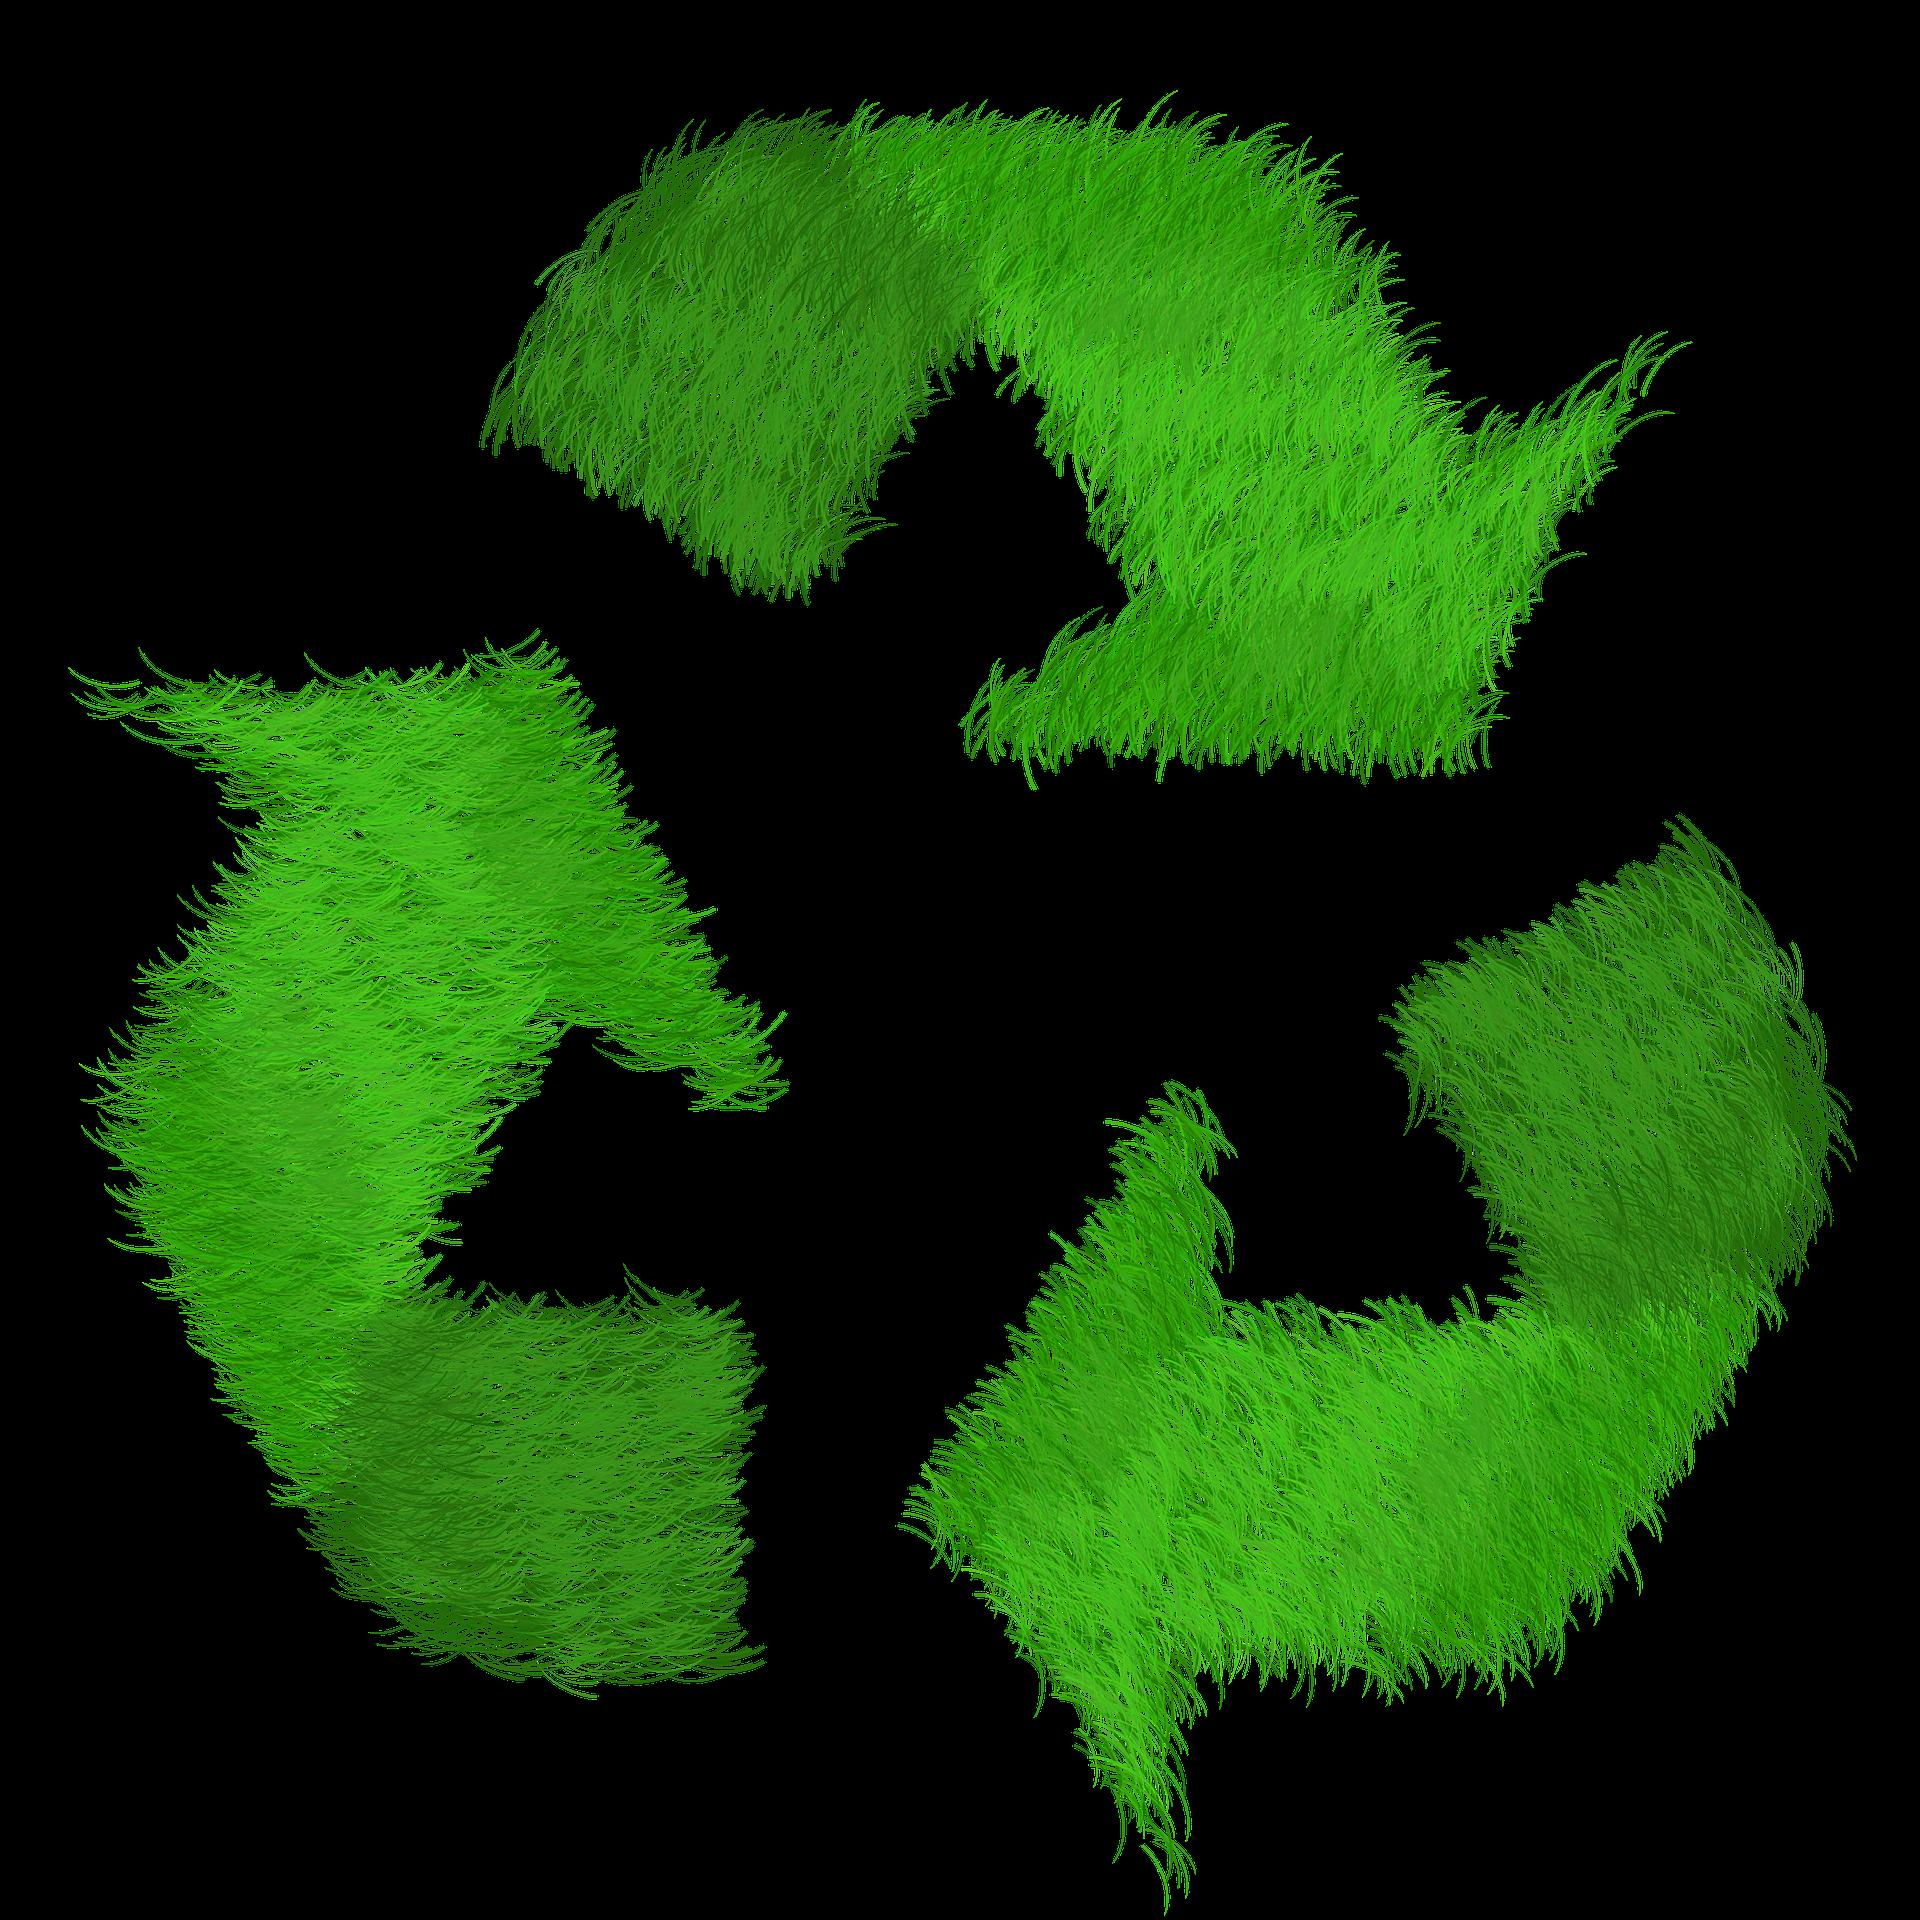 Modello Unico di Dichiarazione ambientale: il 12 marzo in Camera di commercio a Ferrara un seminario gratuito